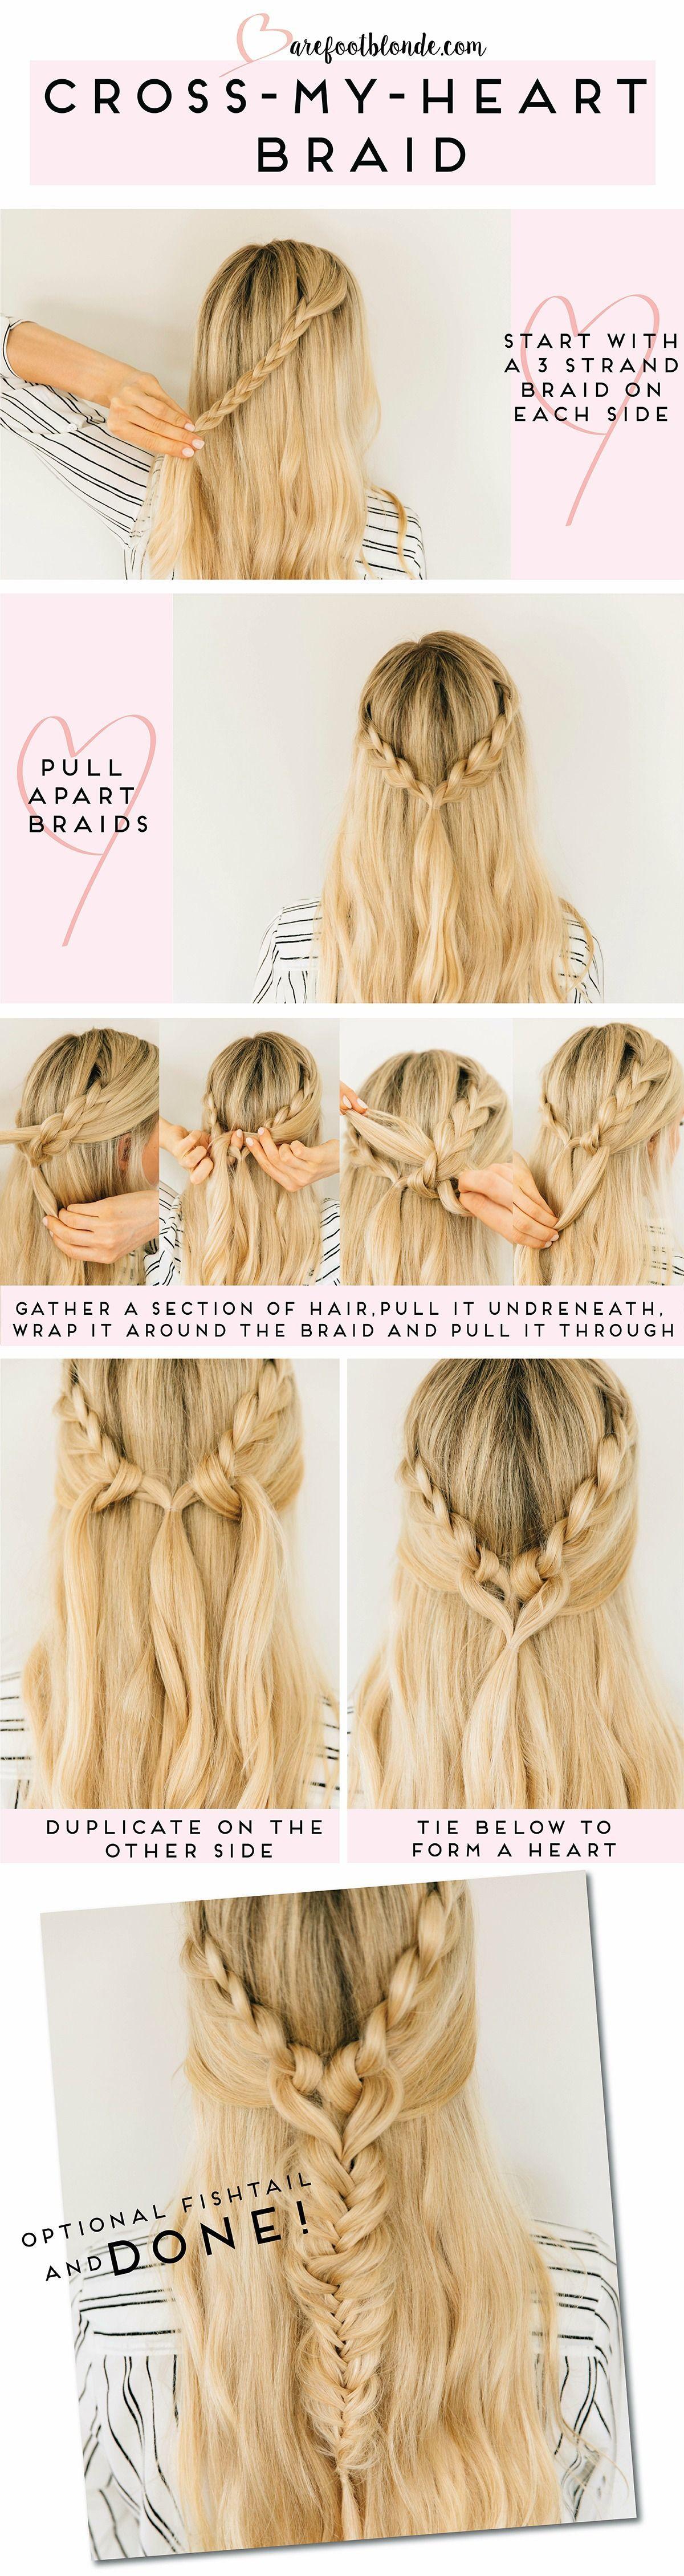 Cross my heart braid hair simple pinterest heart braid hair